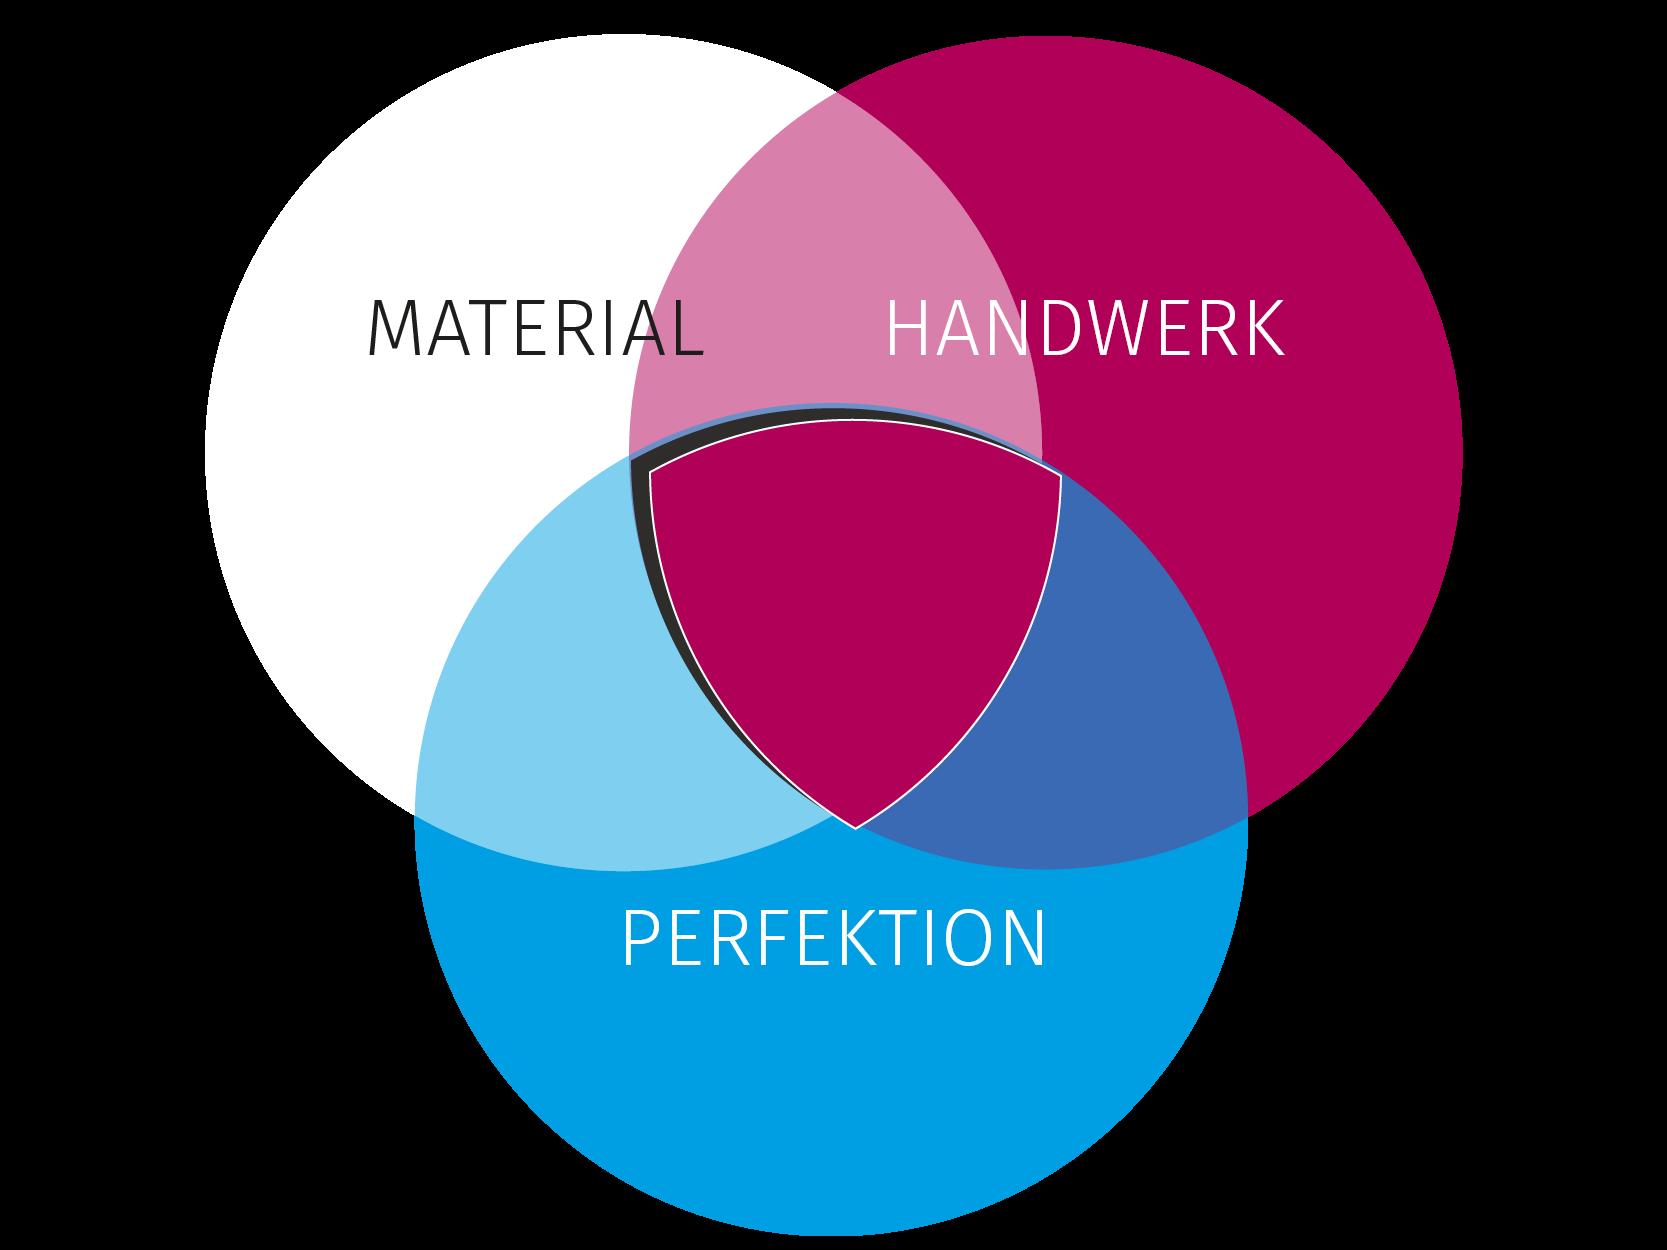 Ein perfektes Zusammenspiel der Zahntechnik. Material, Handwerk und Perfektion.